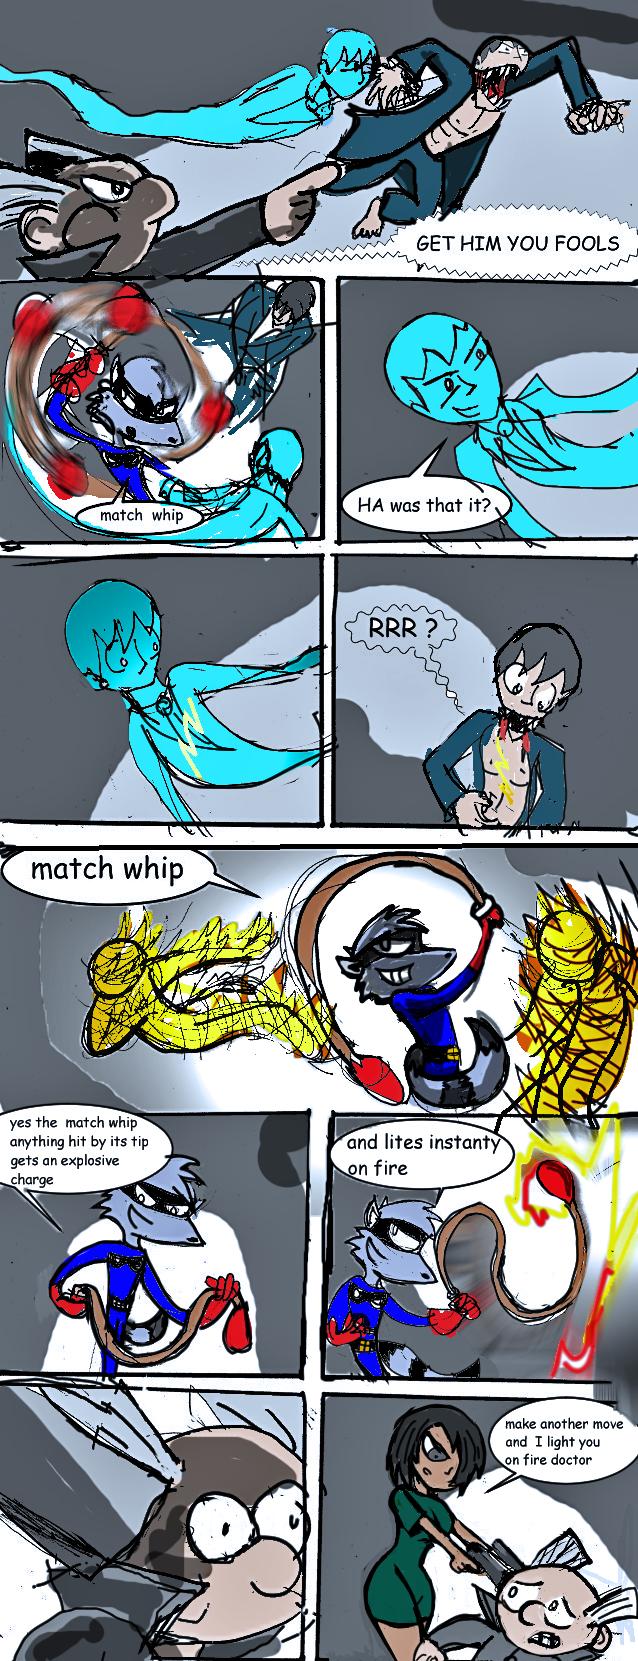 match whip 2